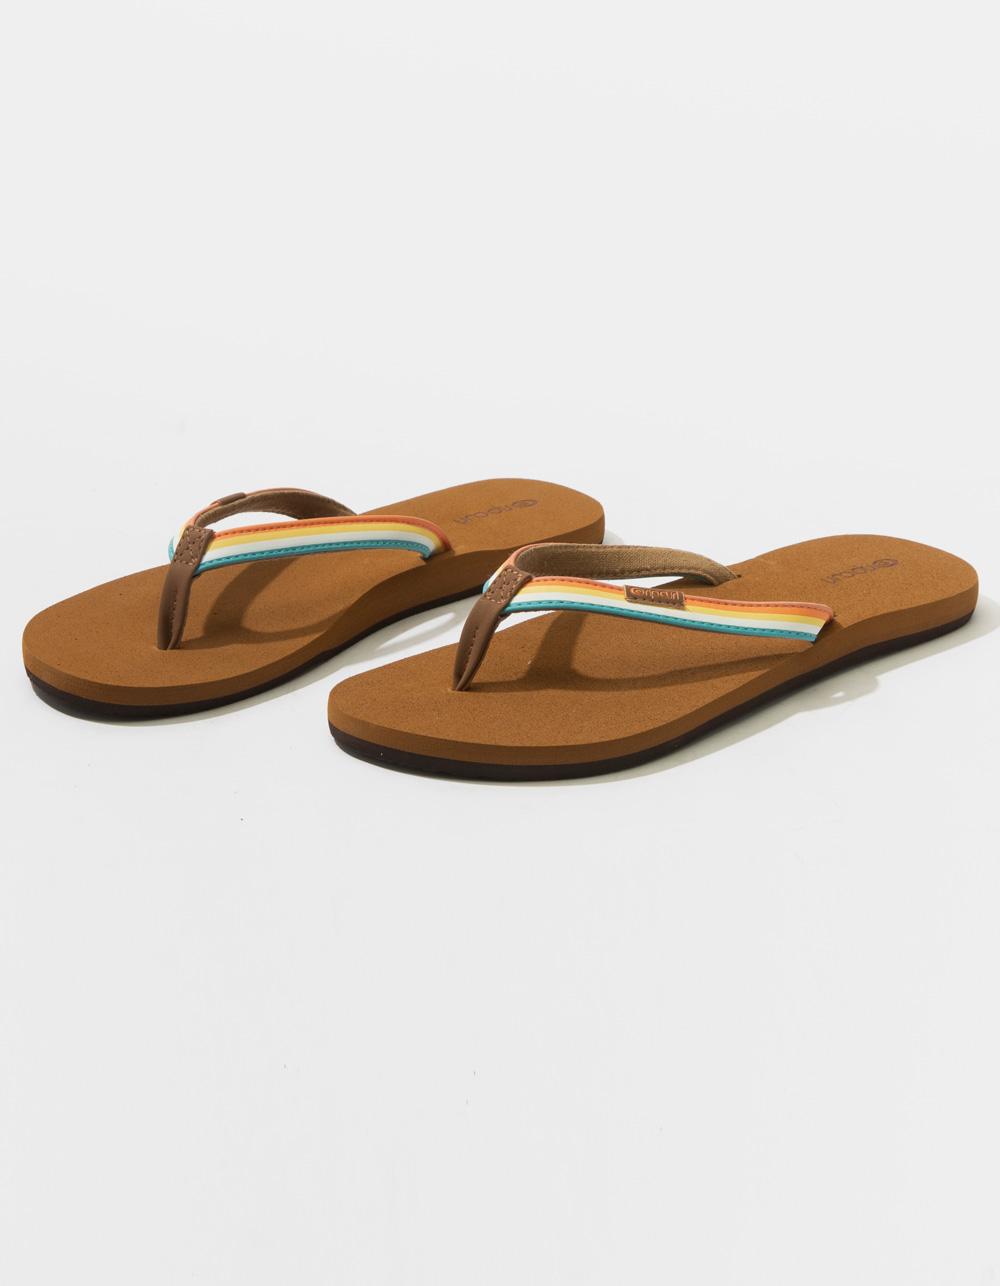 RIP CURL Freedom Tan Sandals